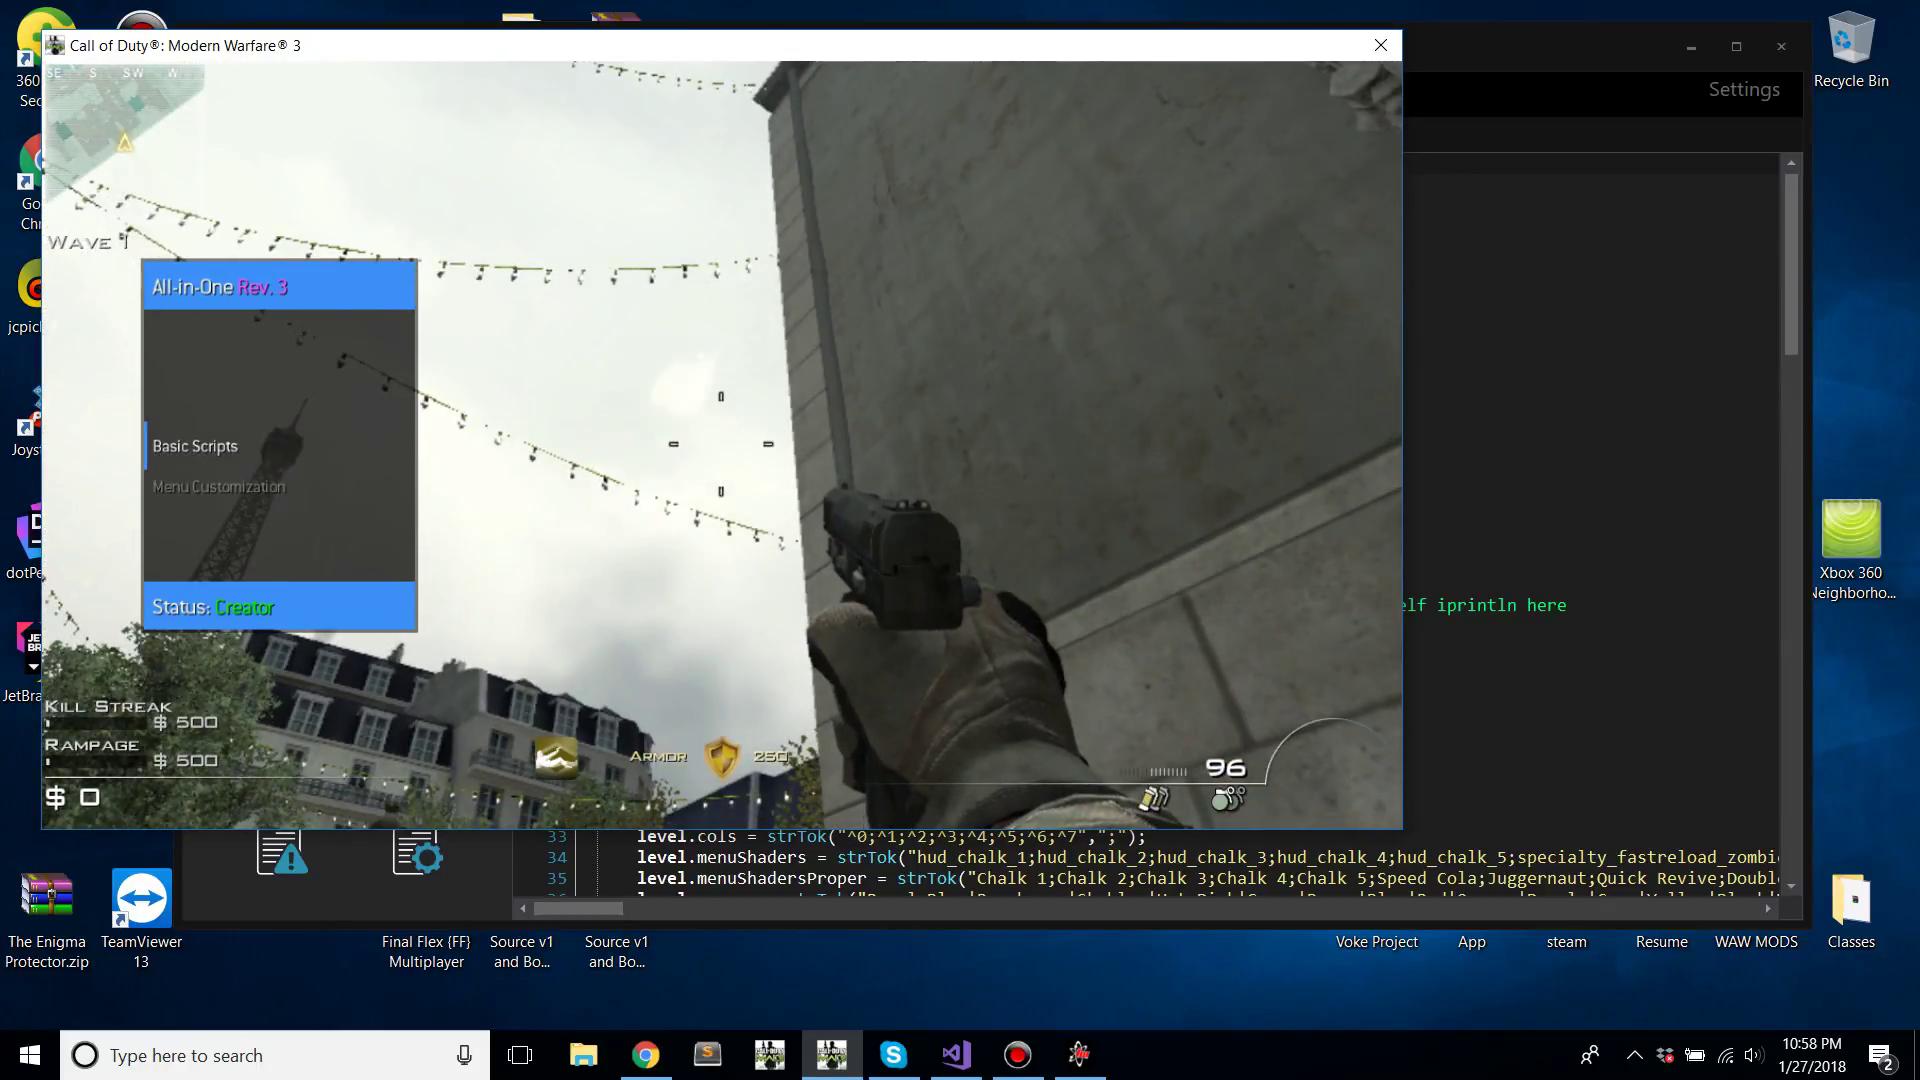 Preview - Call of Duty: Modern Warfare 3 GSC Mod Menu - First